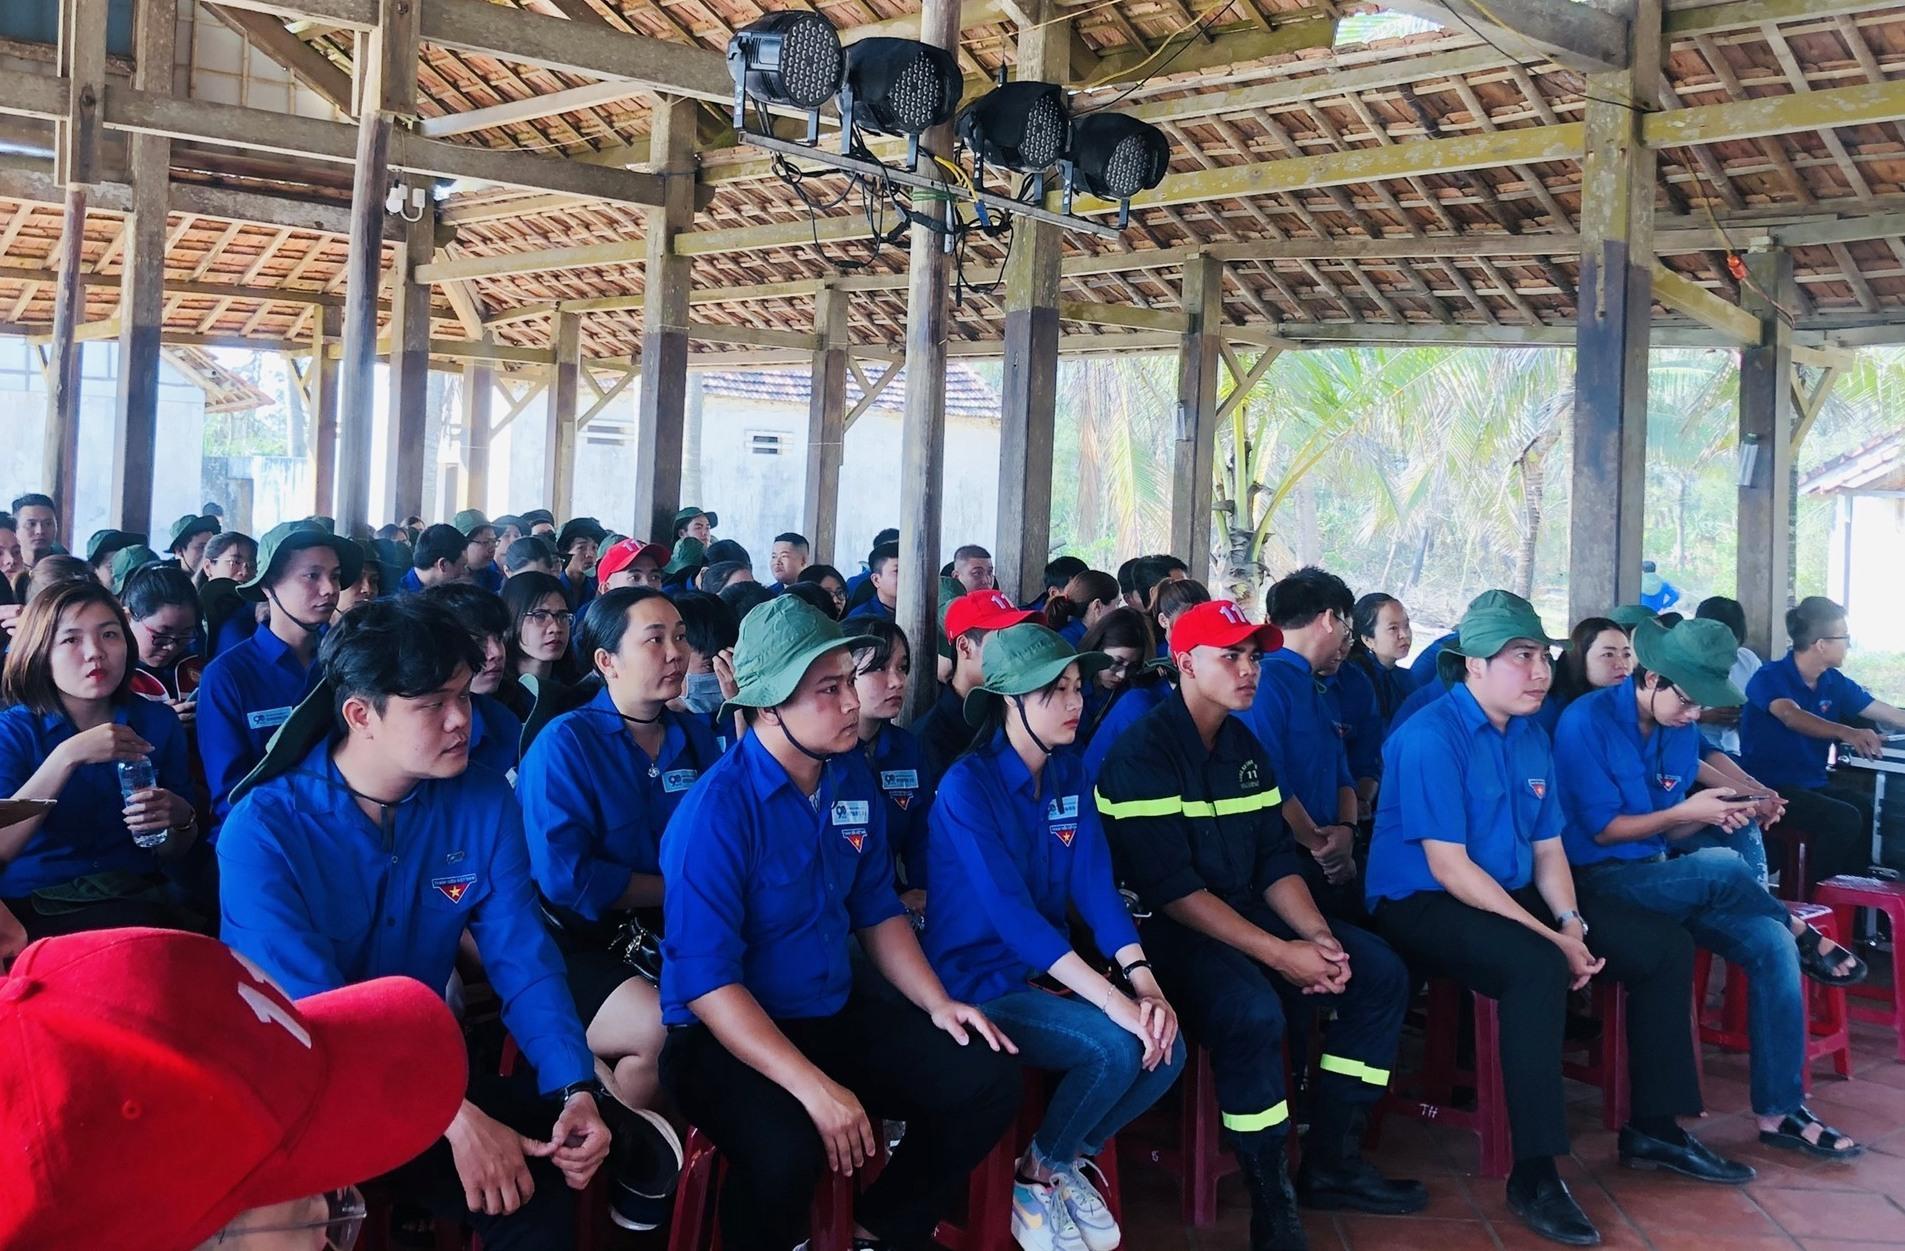 Hơn 150 đoàn viên tham gia Ngày hội đoàn viên của Đoàn Khối các cơ quan tỉnh.